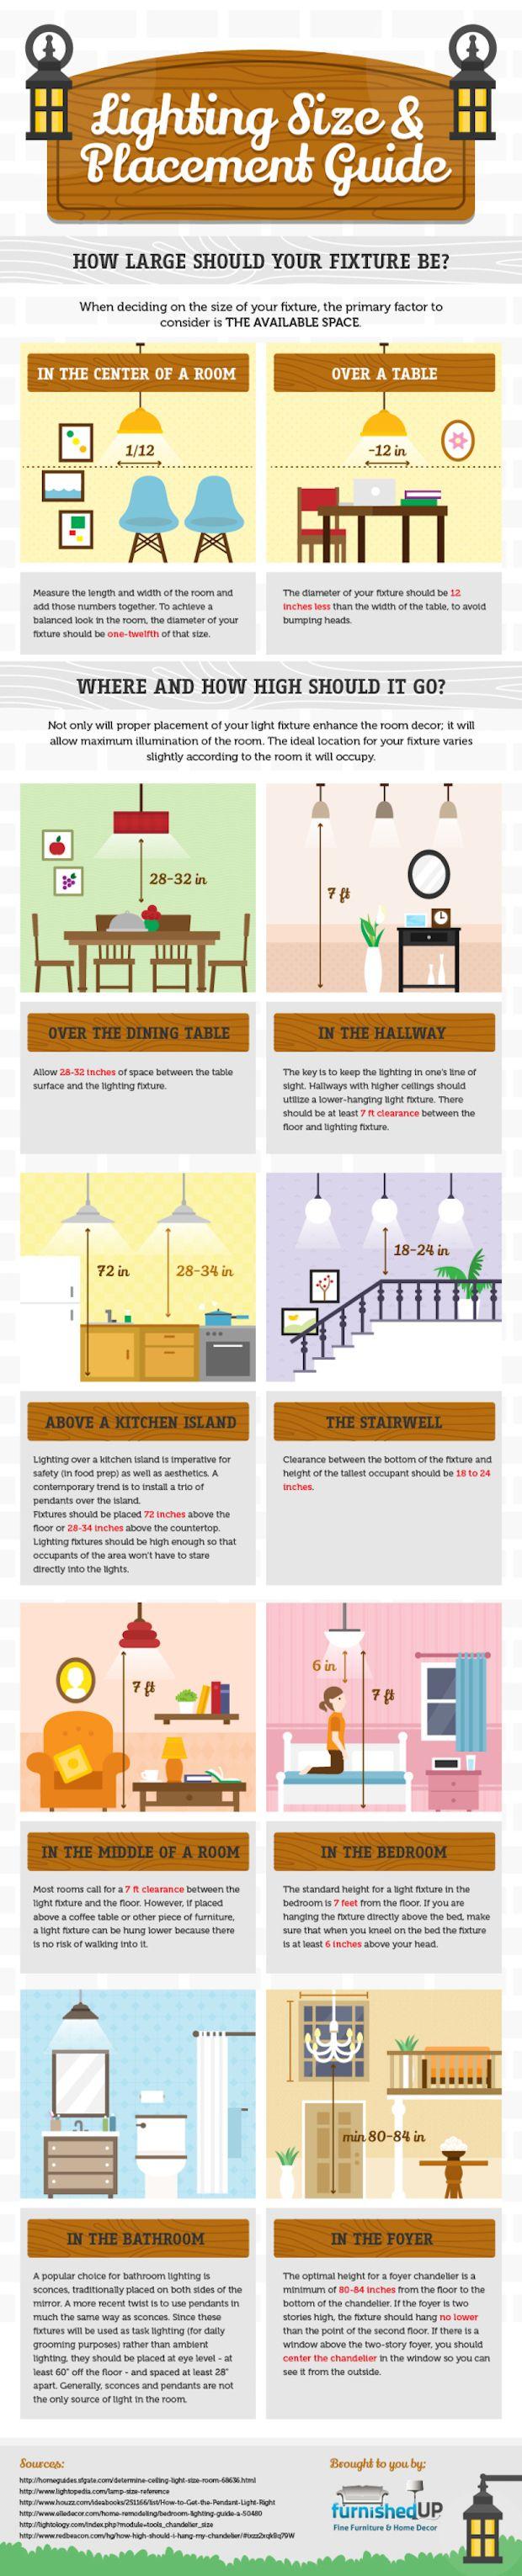 Infographic: hier moet je op letten bij het ophangen van een lamp - Roomed | roomed.nl